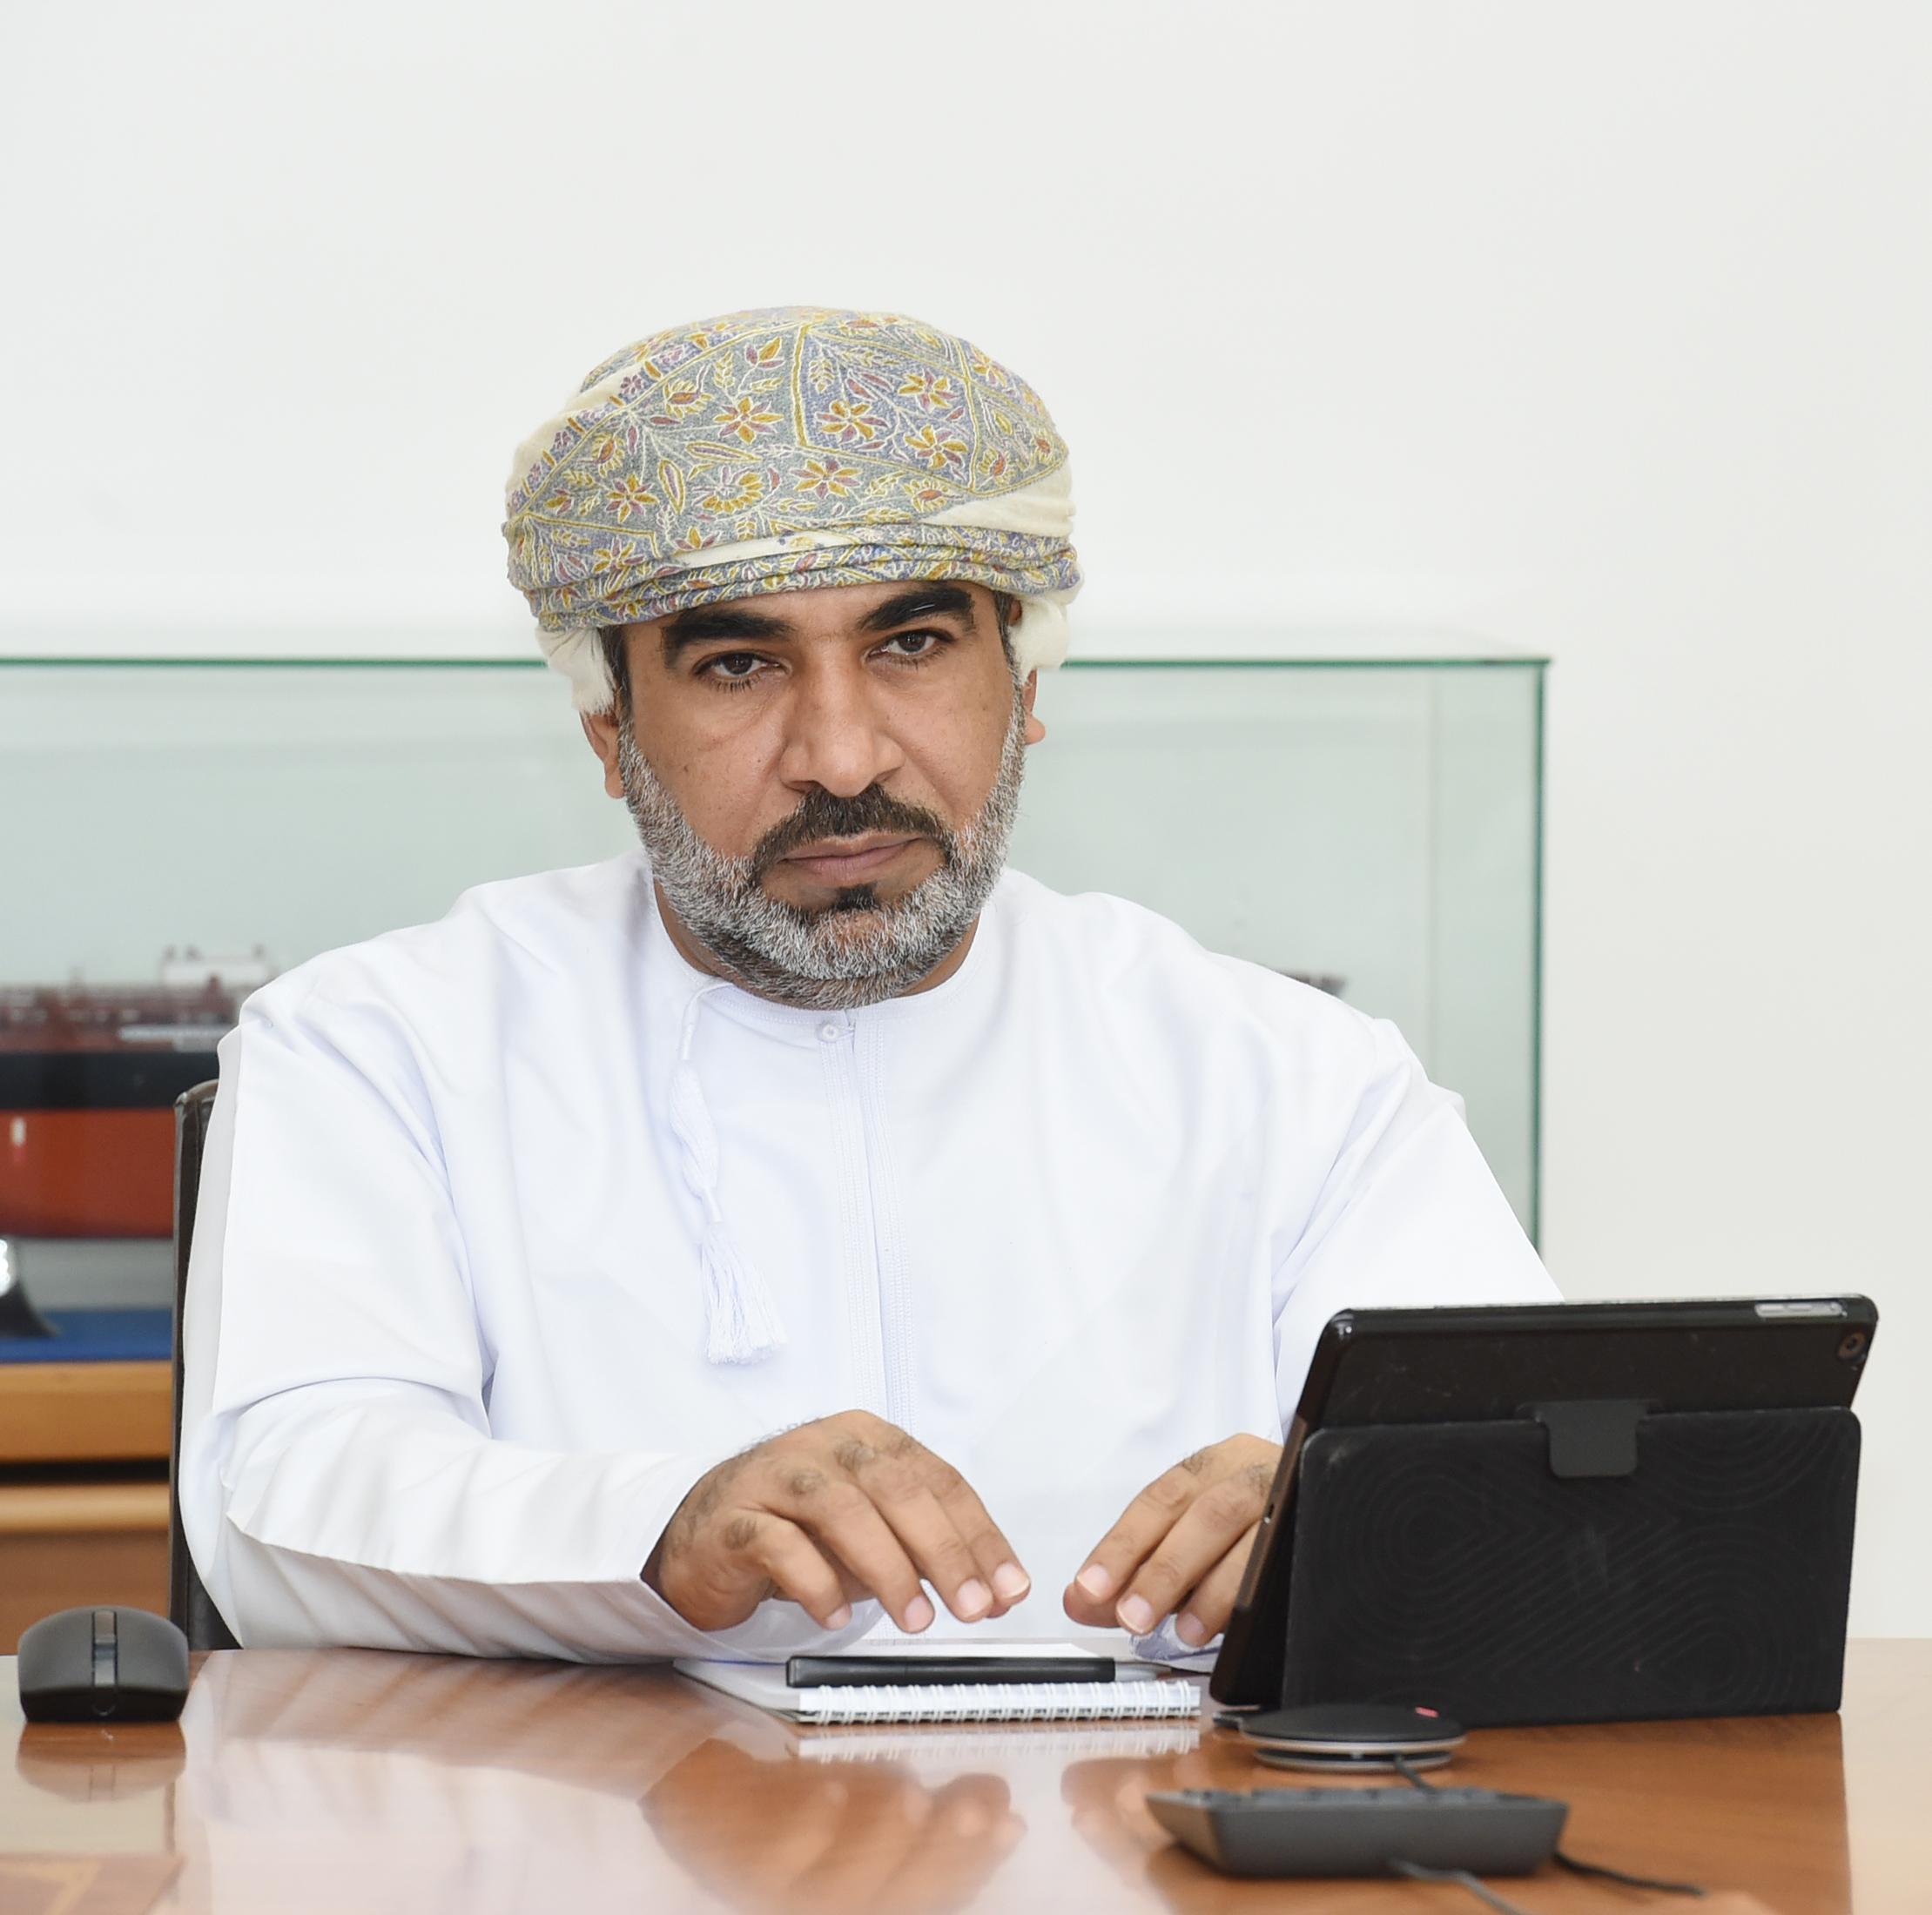 مؤتمر-صحفي-لمعالي-الدكتور-وزير-النقل-...-تصوير-العمانية-٢